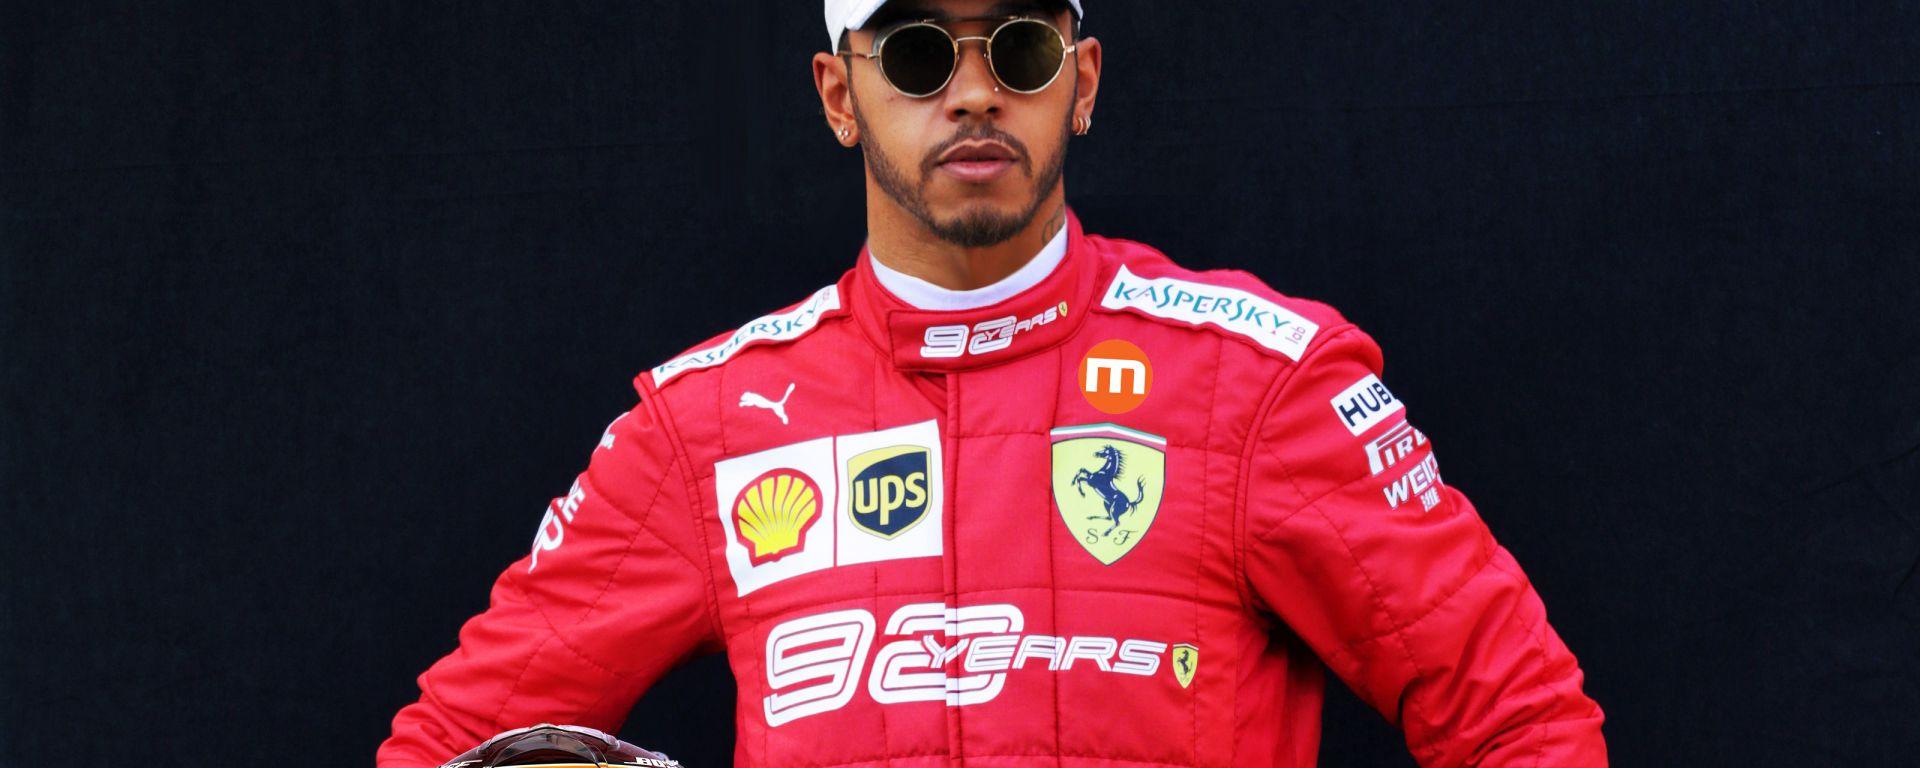 Hamilton e la Ferrari: un sogno destinato a restare tale? [Foto: MotorBox]